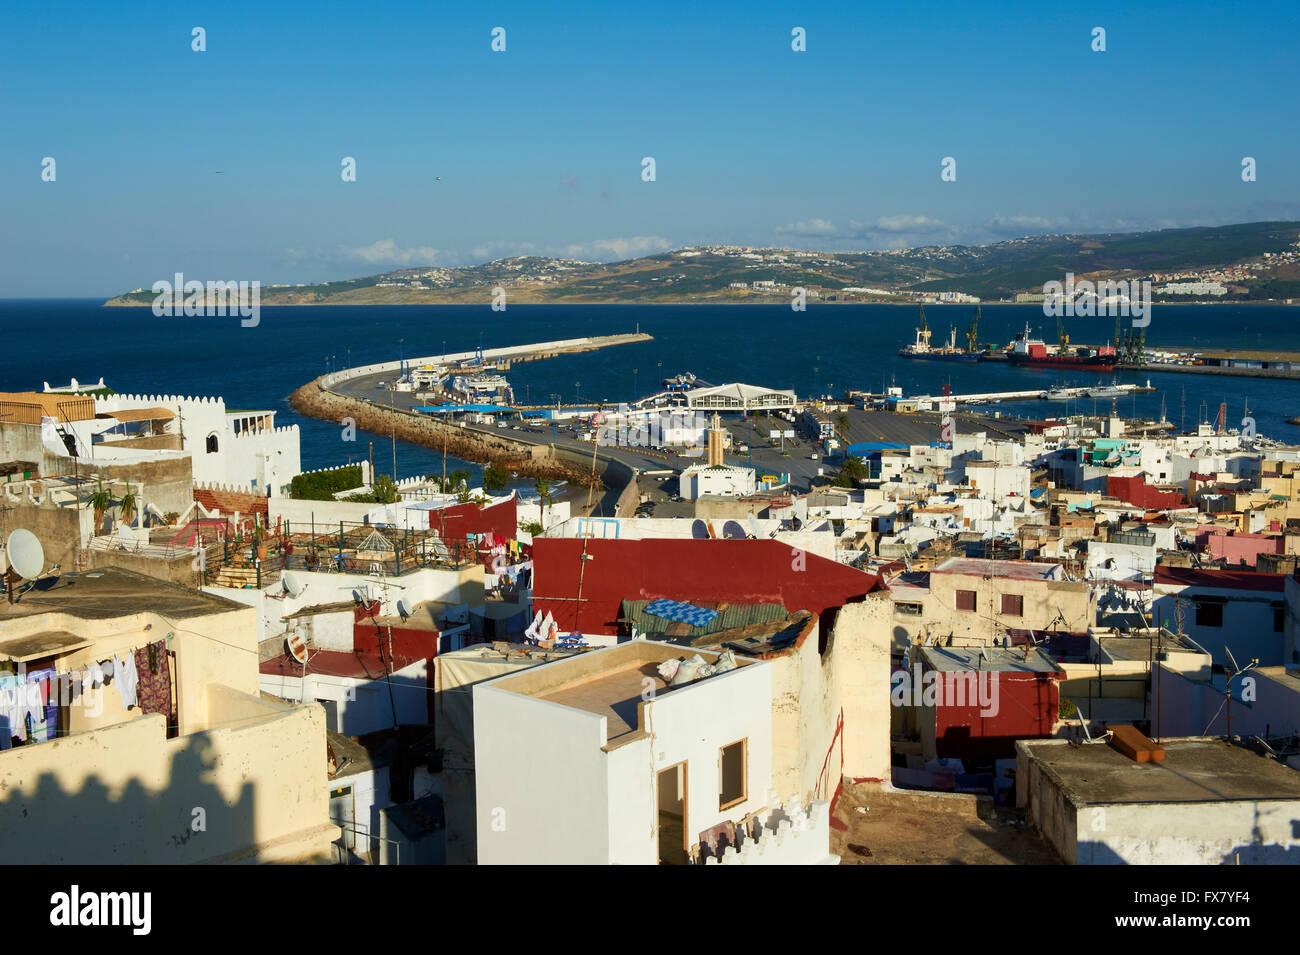 Marokko, Tanger, Medina, Altstadt Stockbild